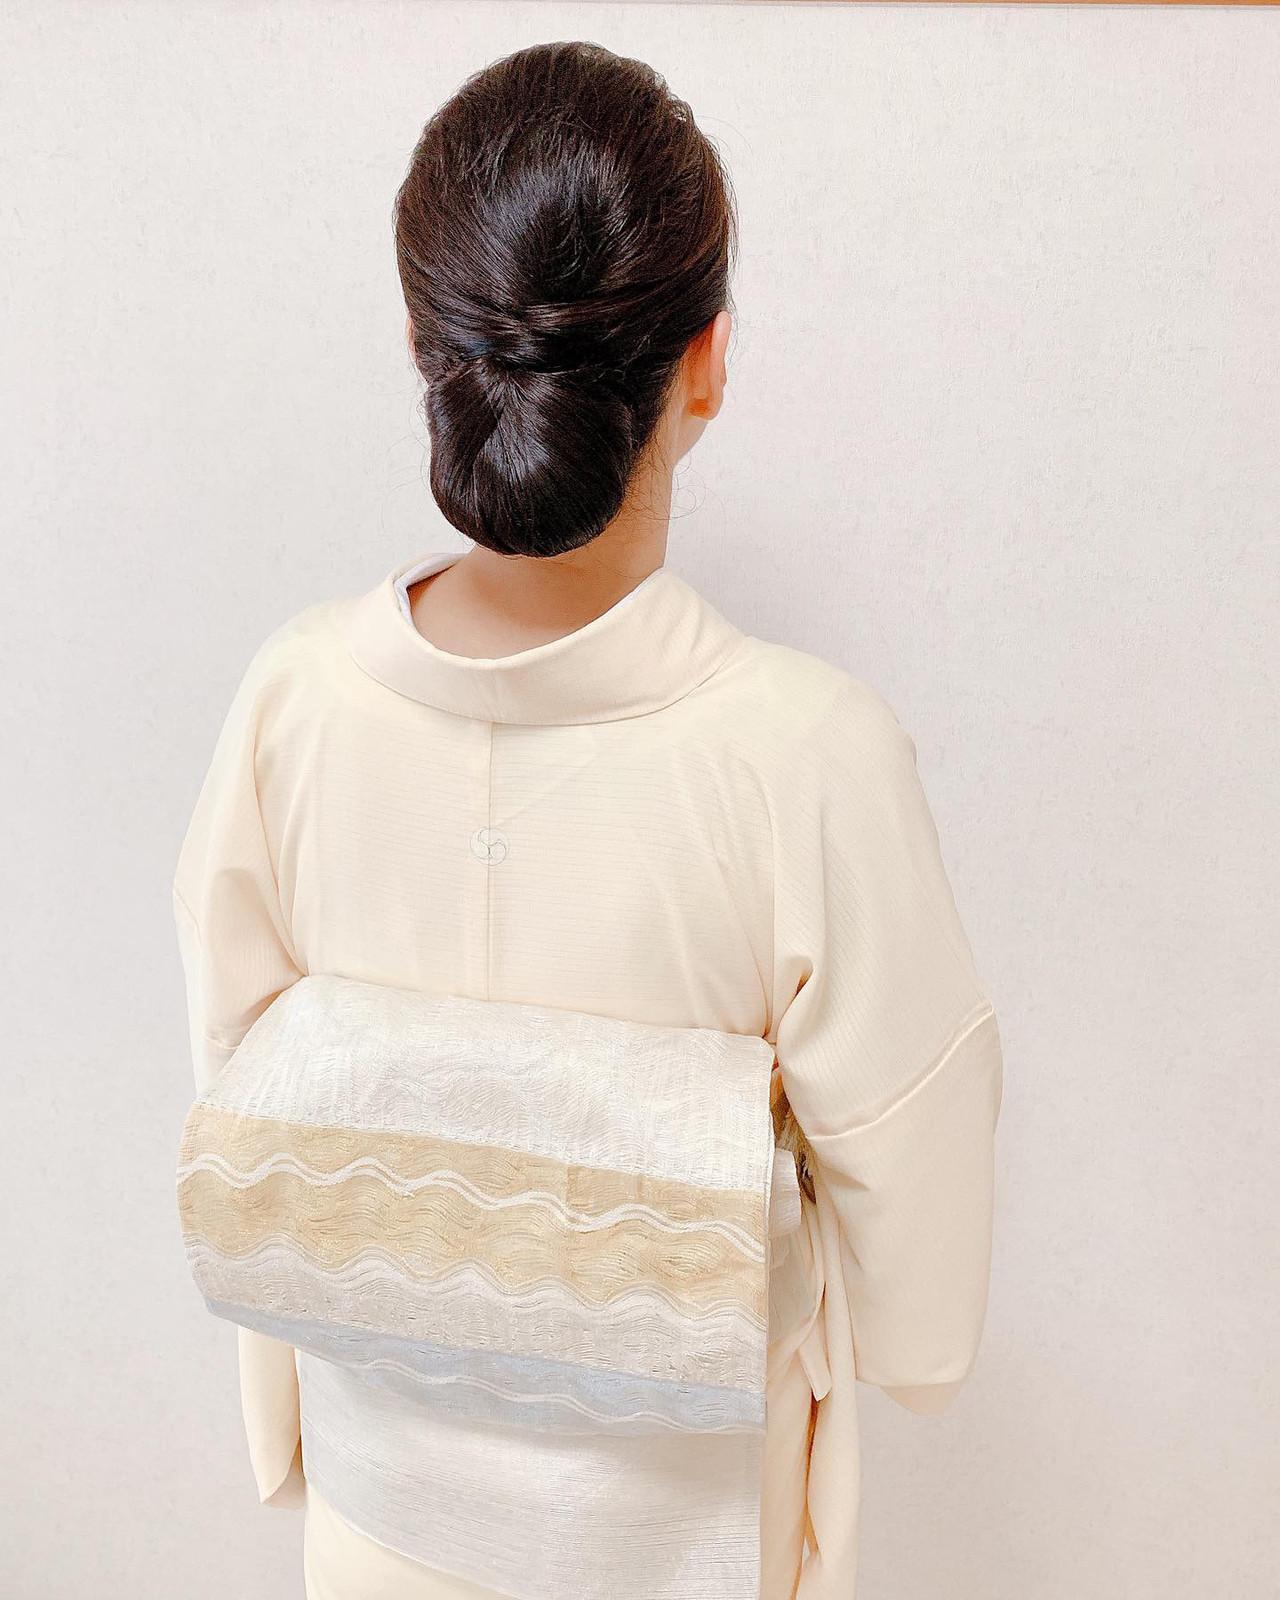 シニヨン 黒髪 ロング 訪問着 ヘアスタイルや髪型の写真・画像 | Moriyama Mami / 福岡天神ヘアセット・着付け専門店【Three-keys】